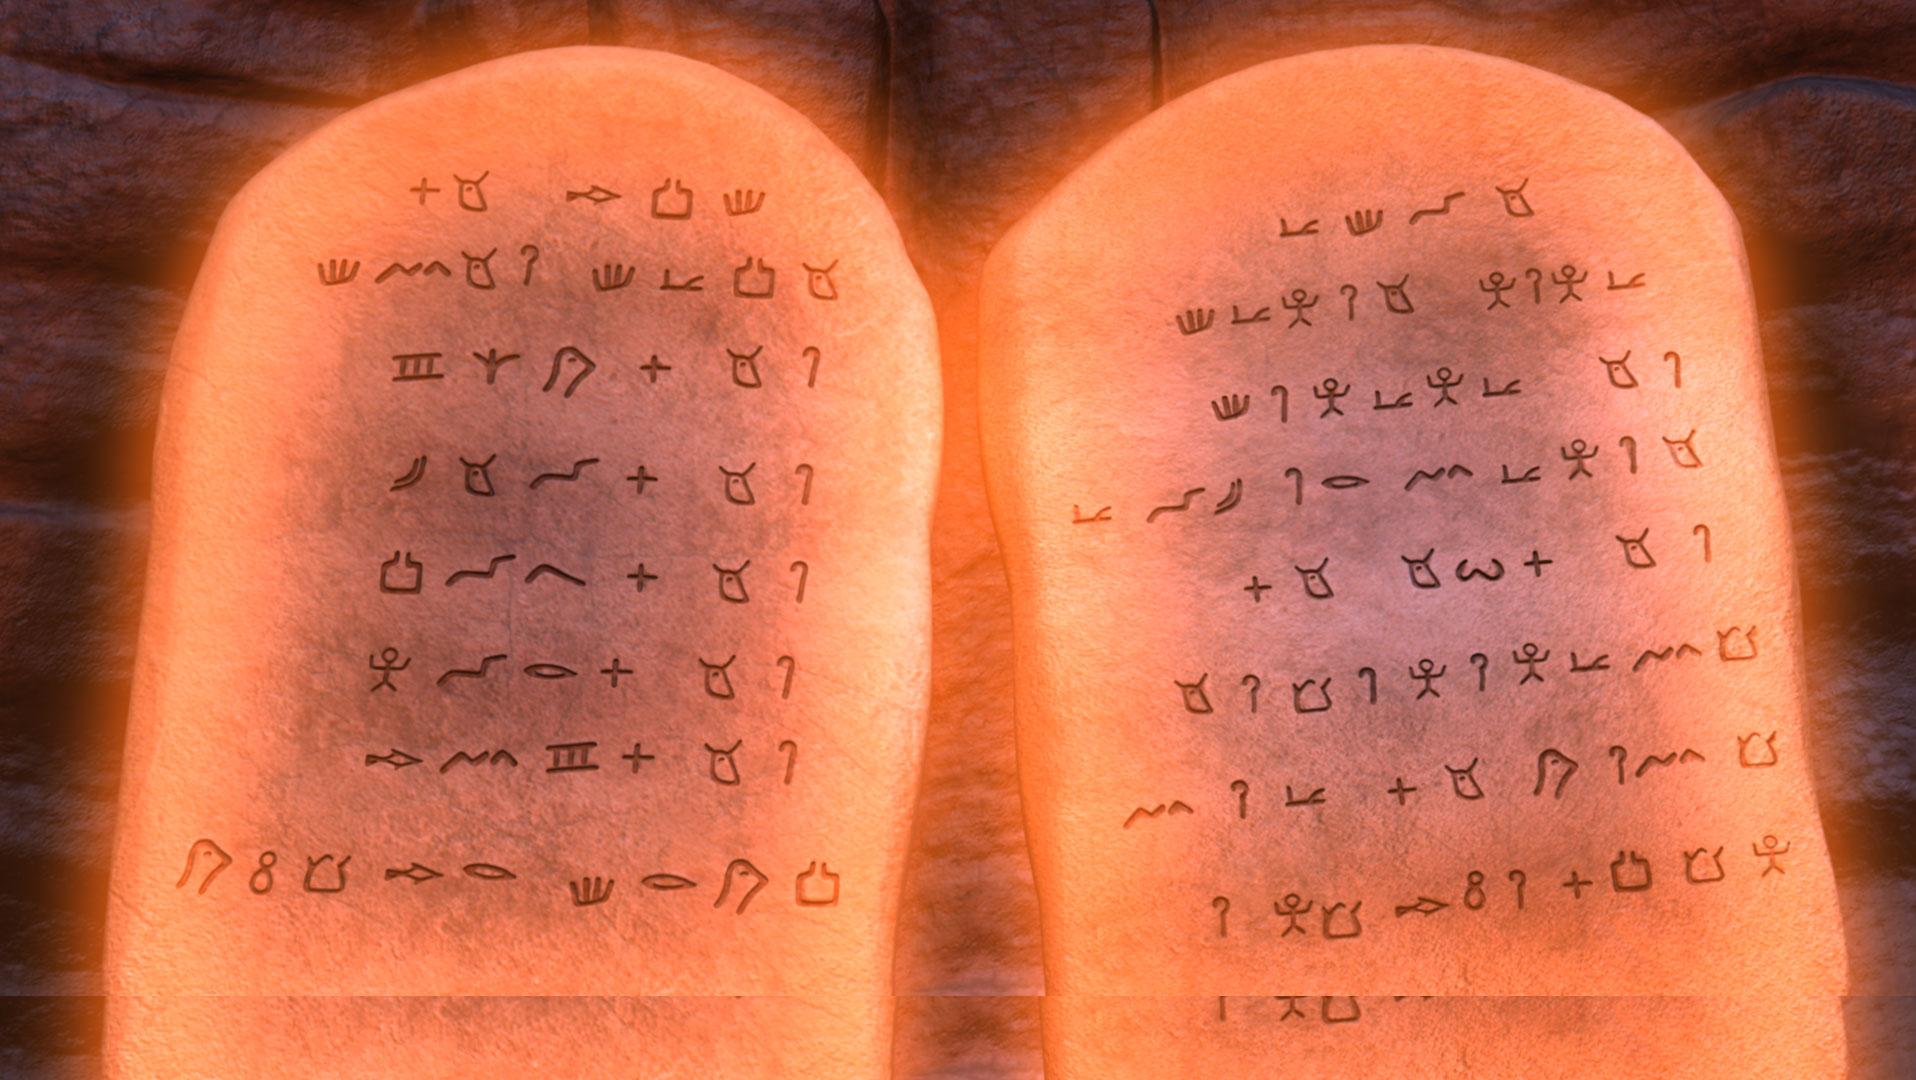 <h2>The Ten Commandments</h2>